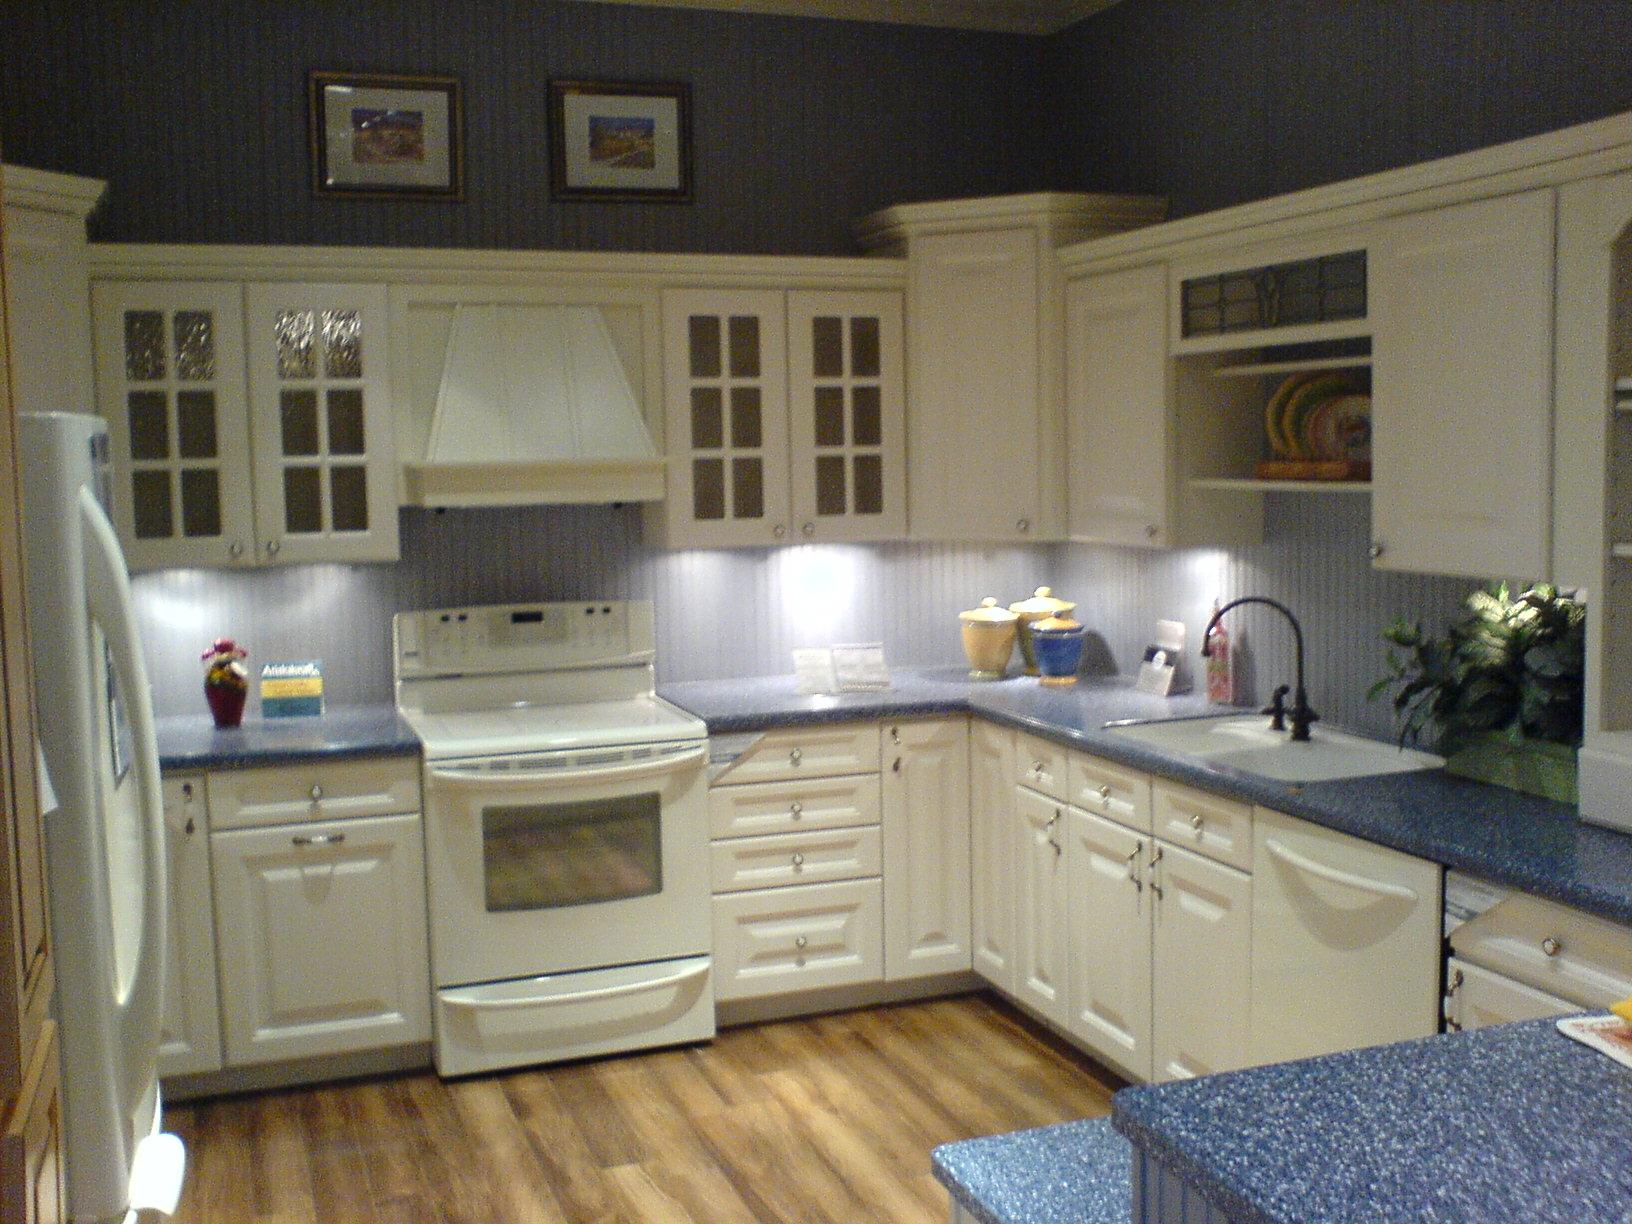 przykładowa estetycznie urządzona kuchnia - zdjęcie